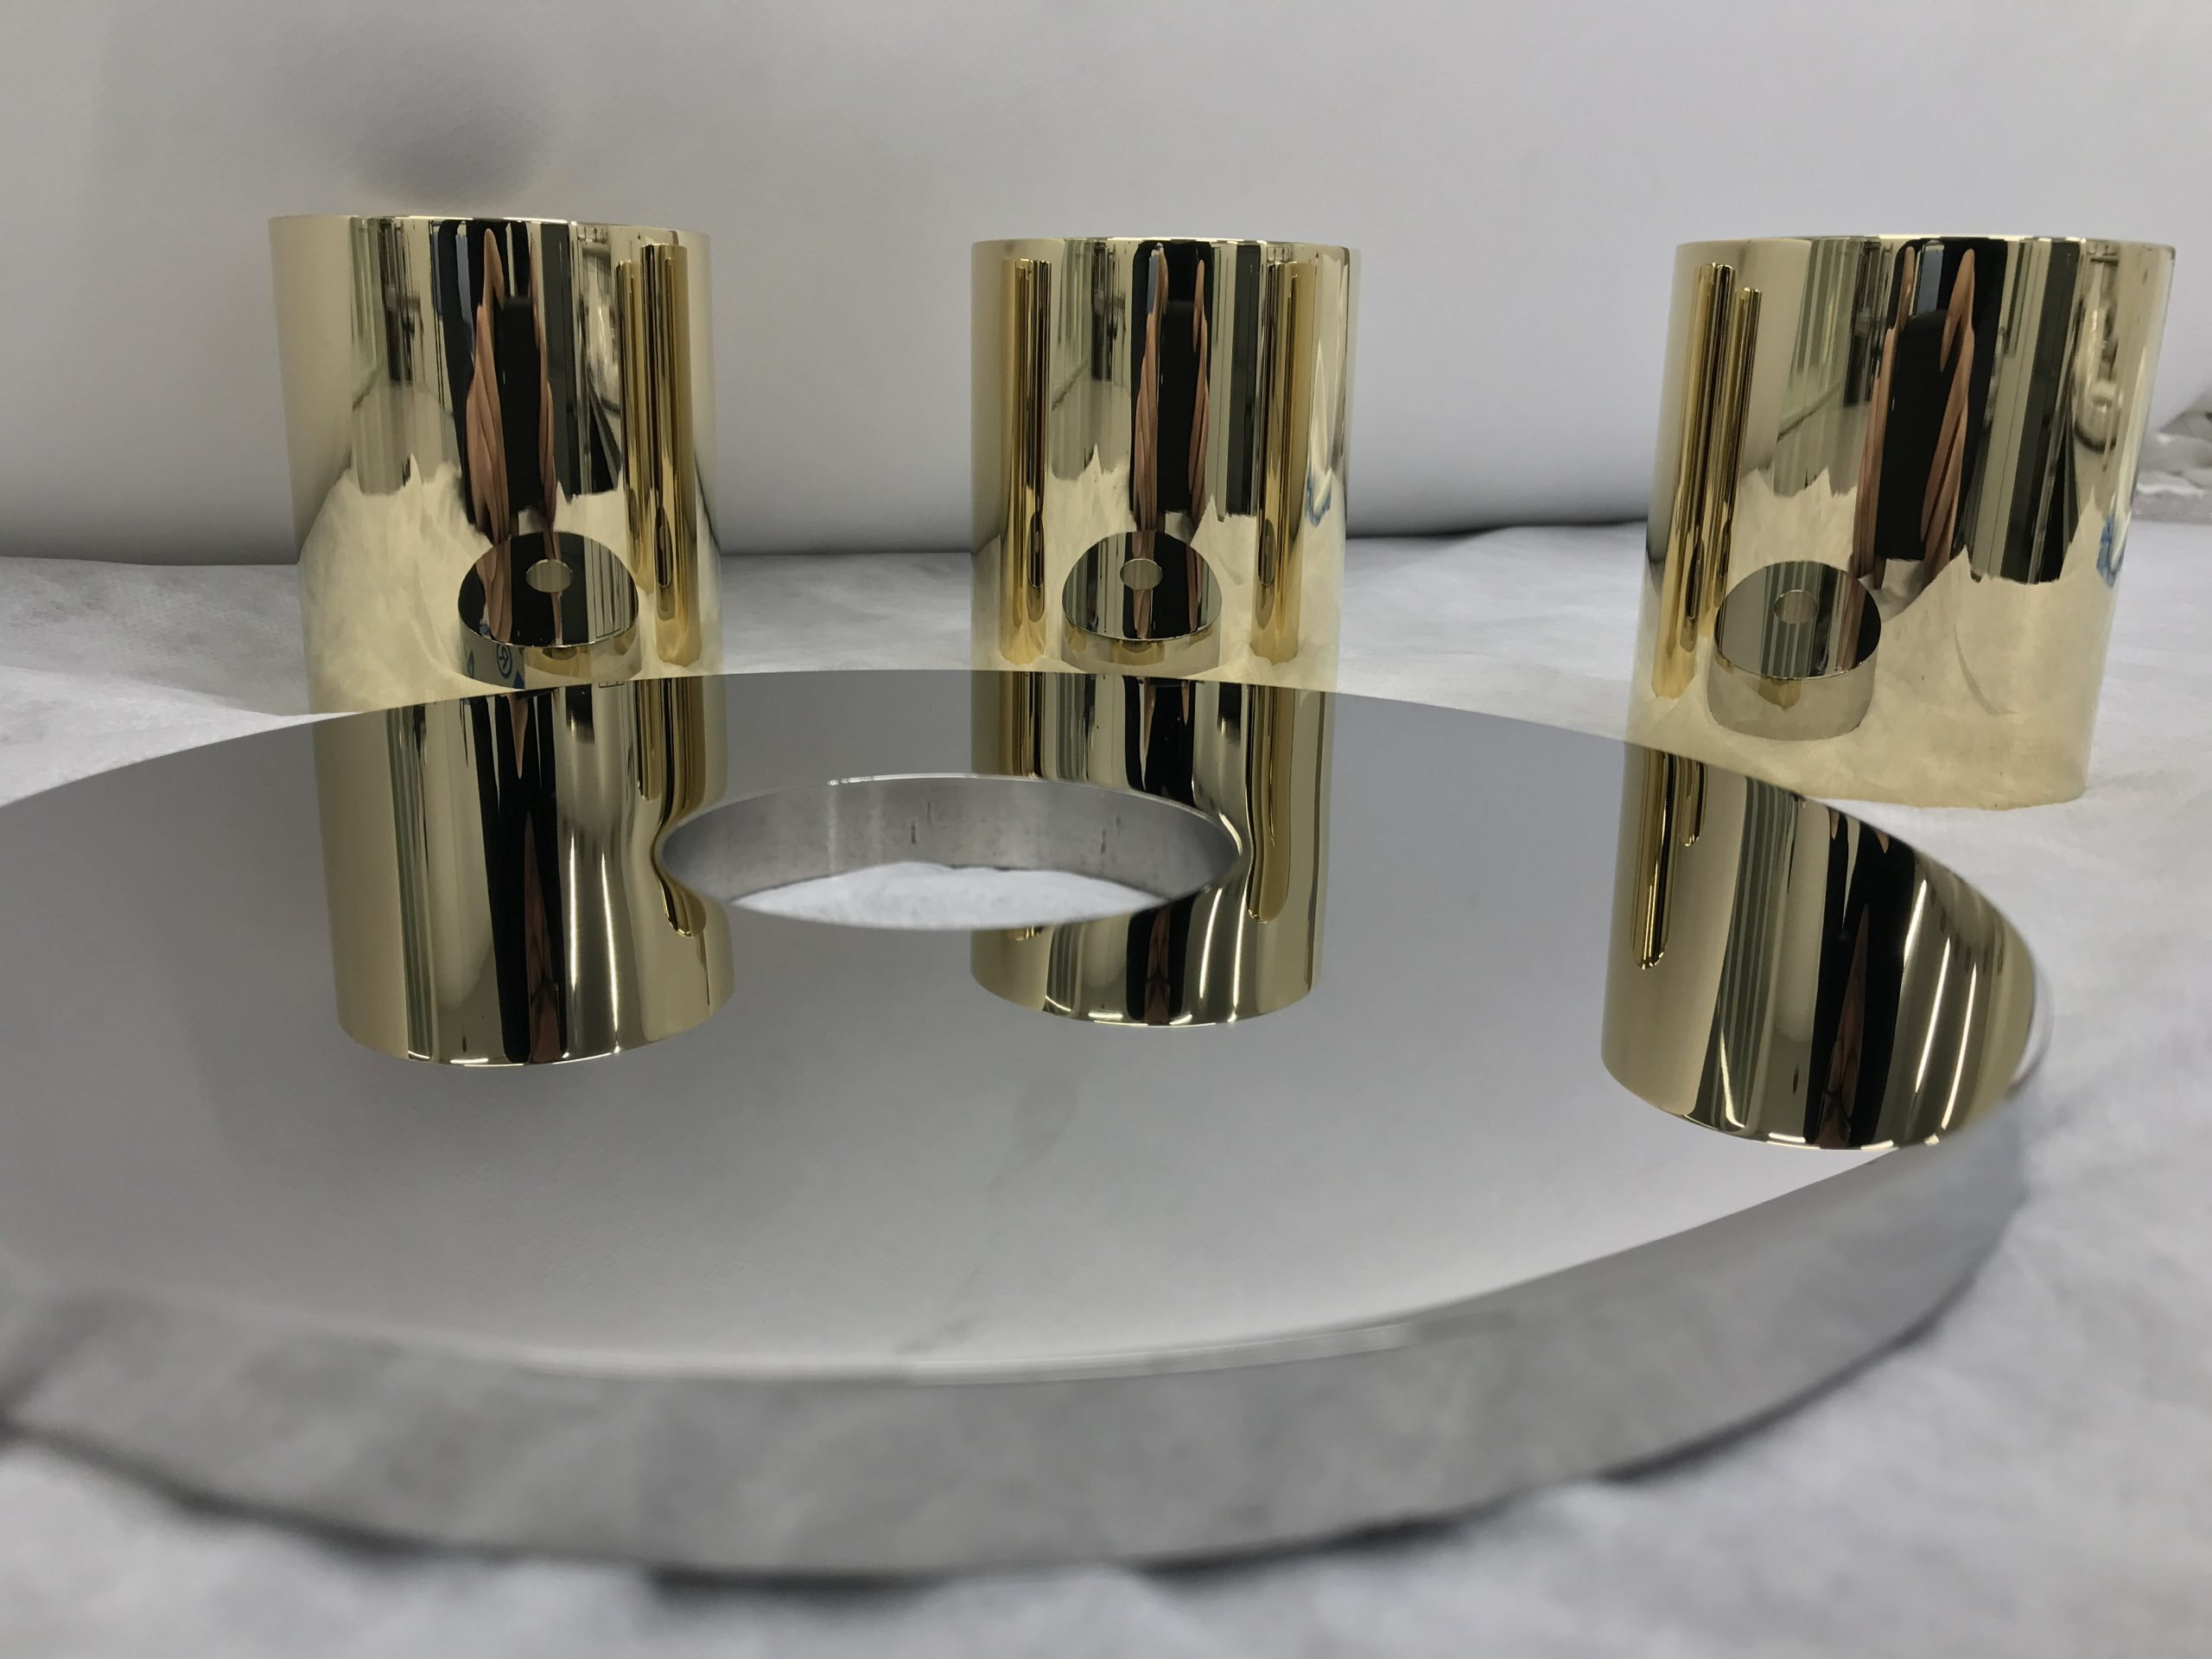 Messing und Edelstahl hochglanzpoliert spiegelpoliert